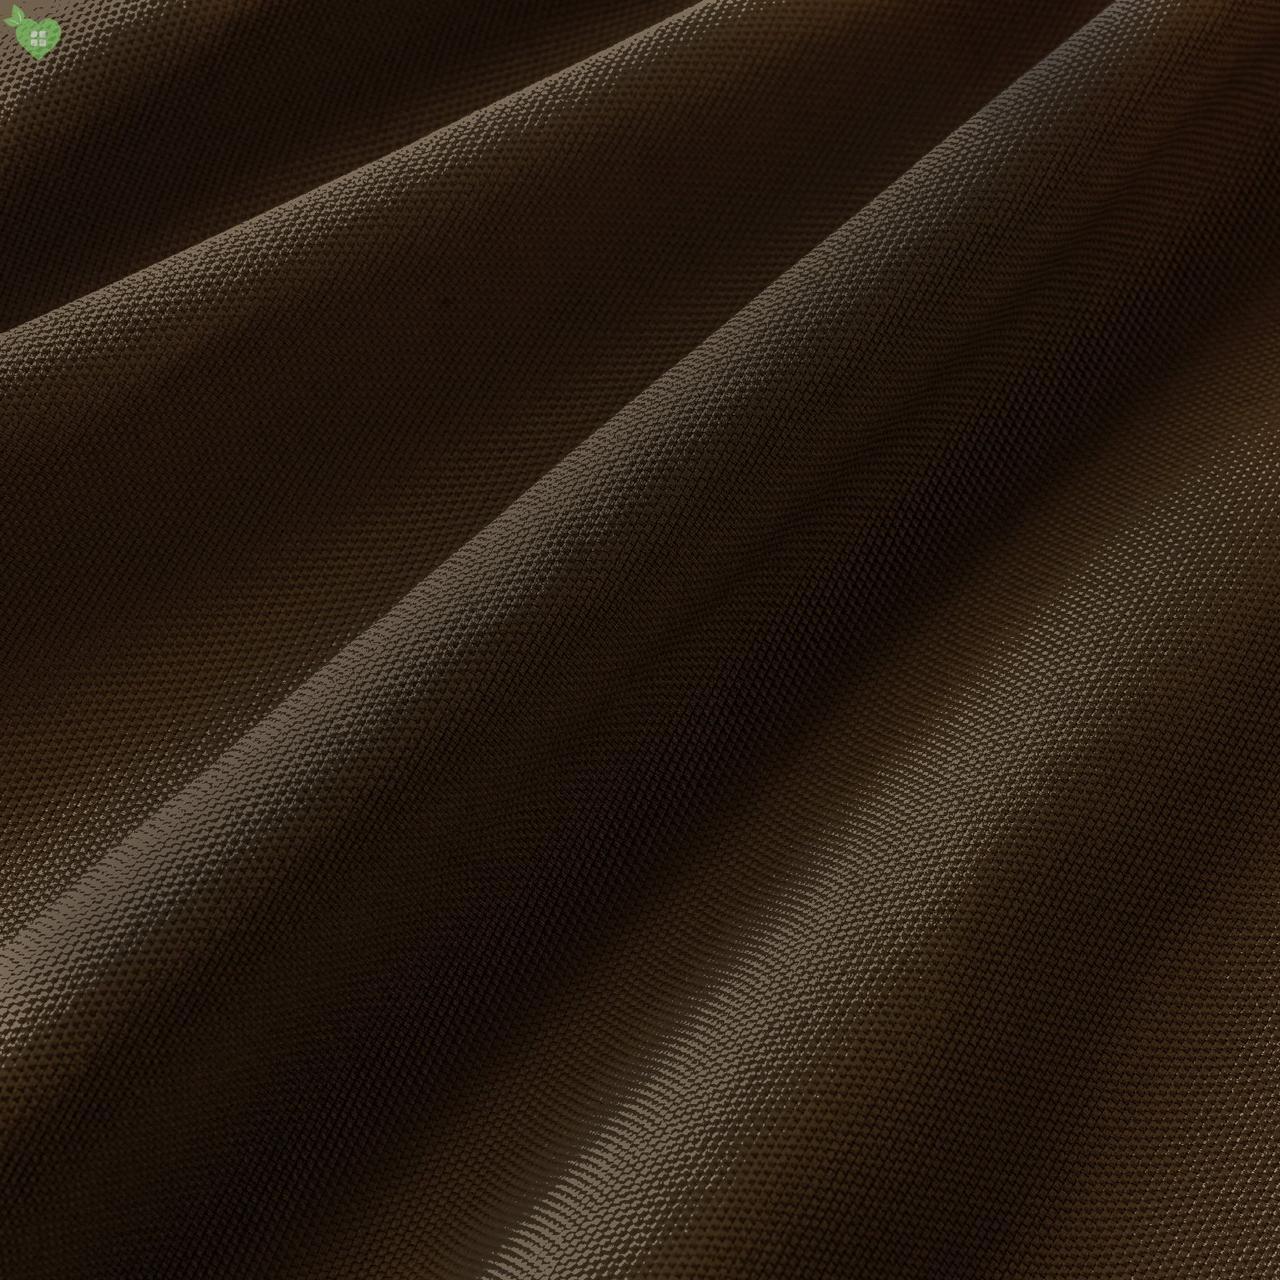 Уличная ткань фактурная коричневого цвета для штор на веранду 84272v6